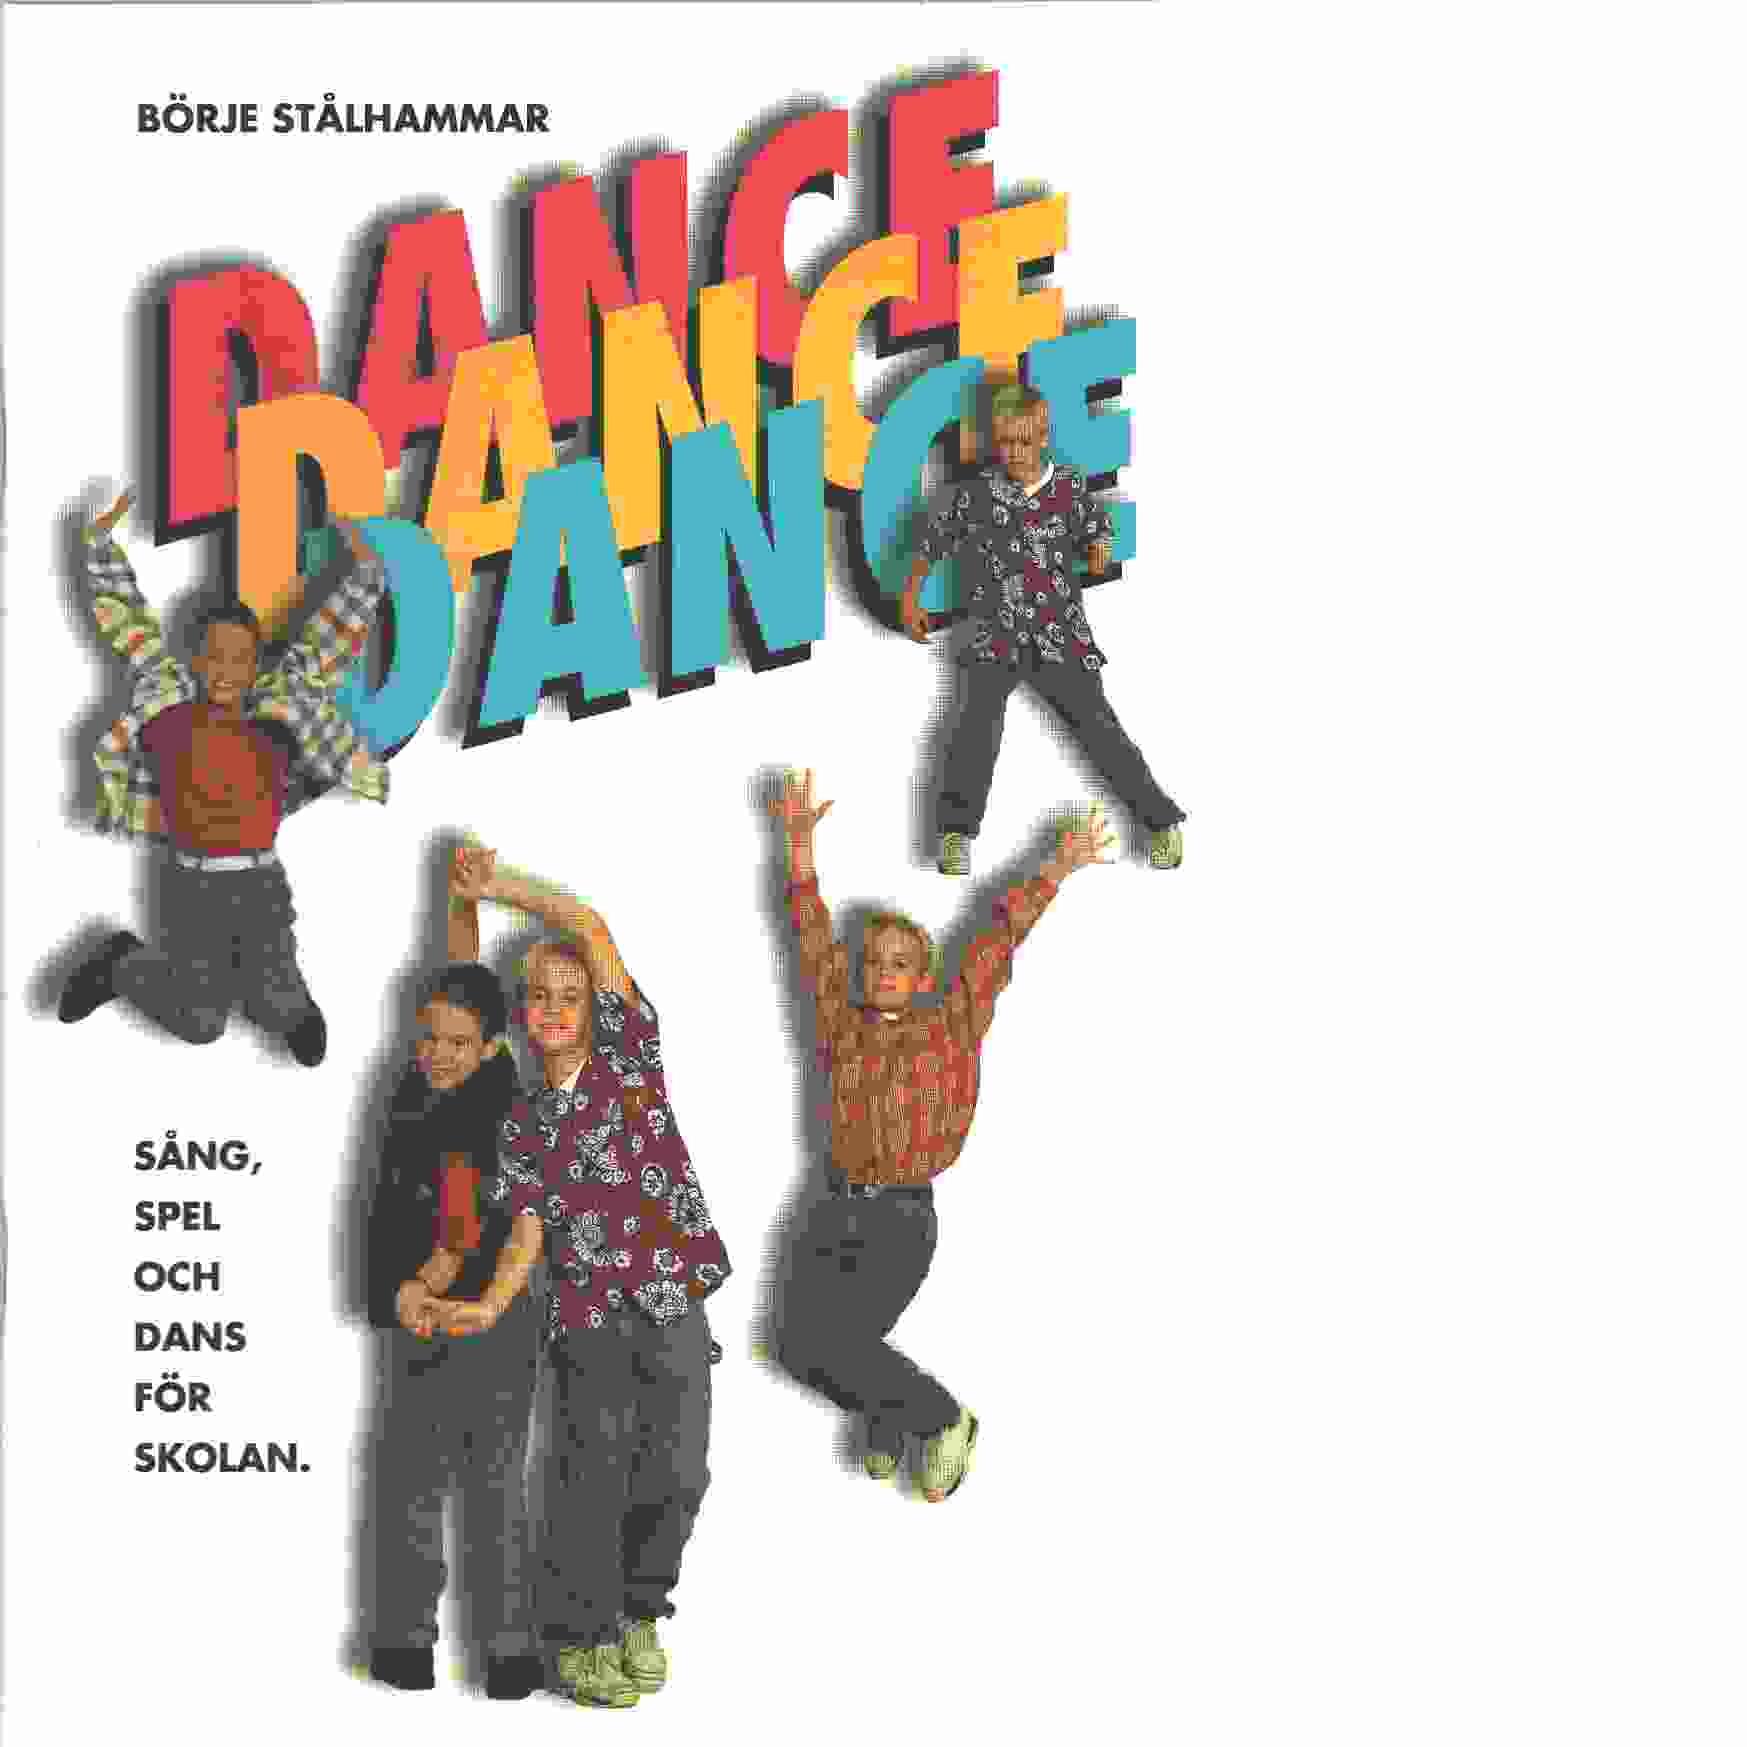 Dance, dance, dance [Musiktryck] : sång, spel och dans för skolan - Stålhammar, Börje